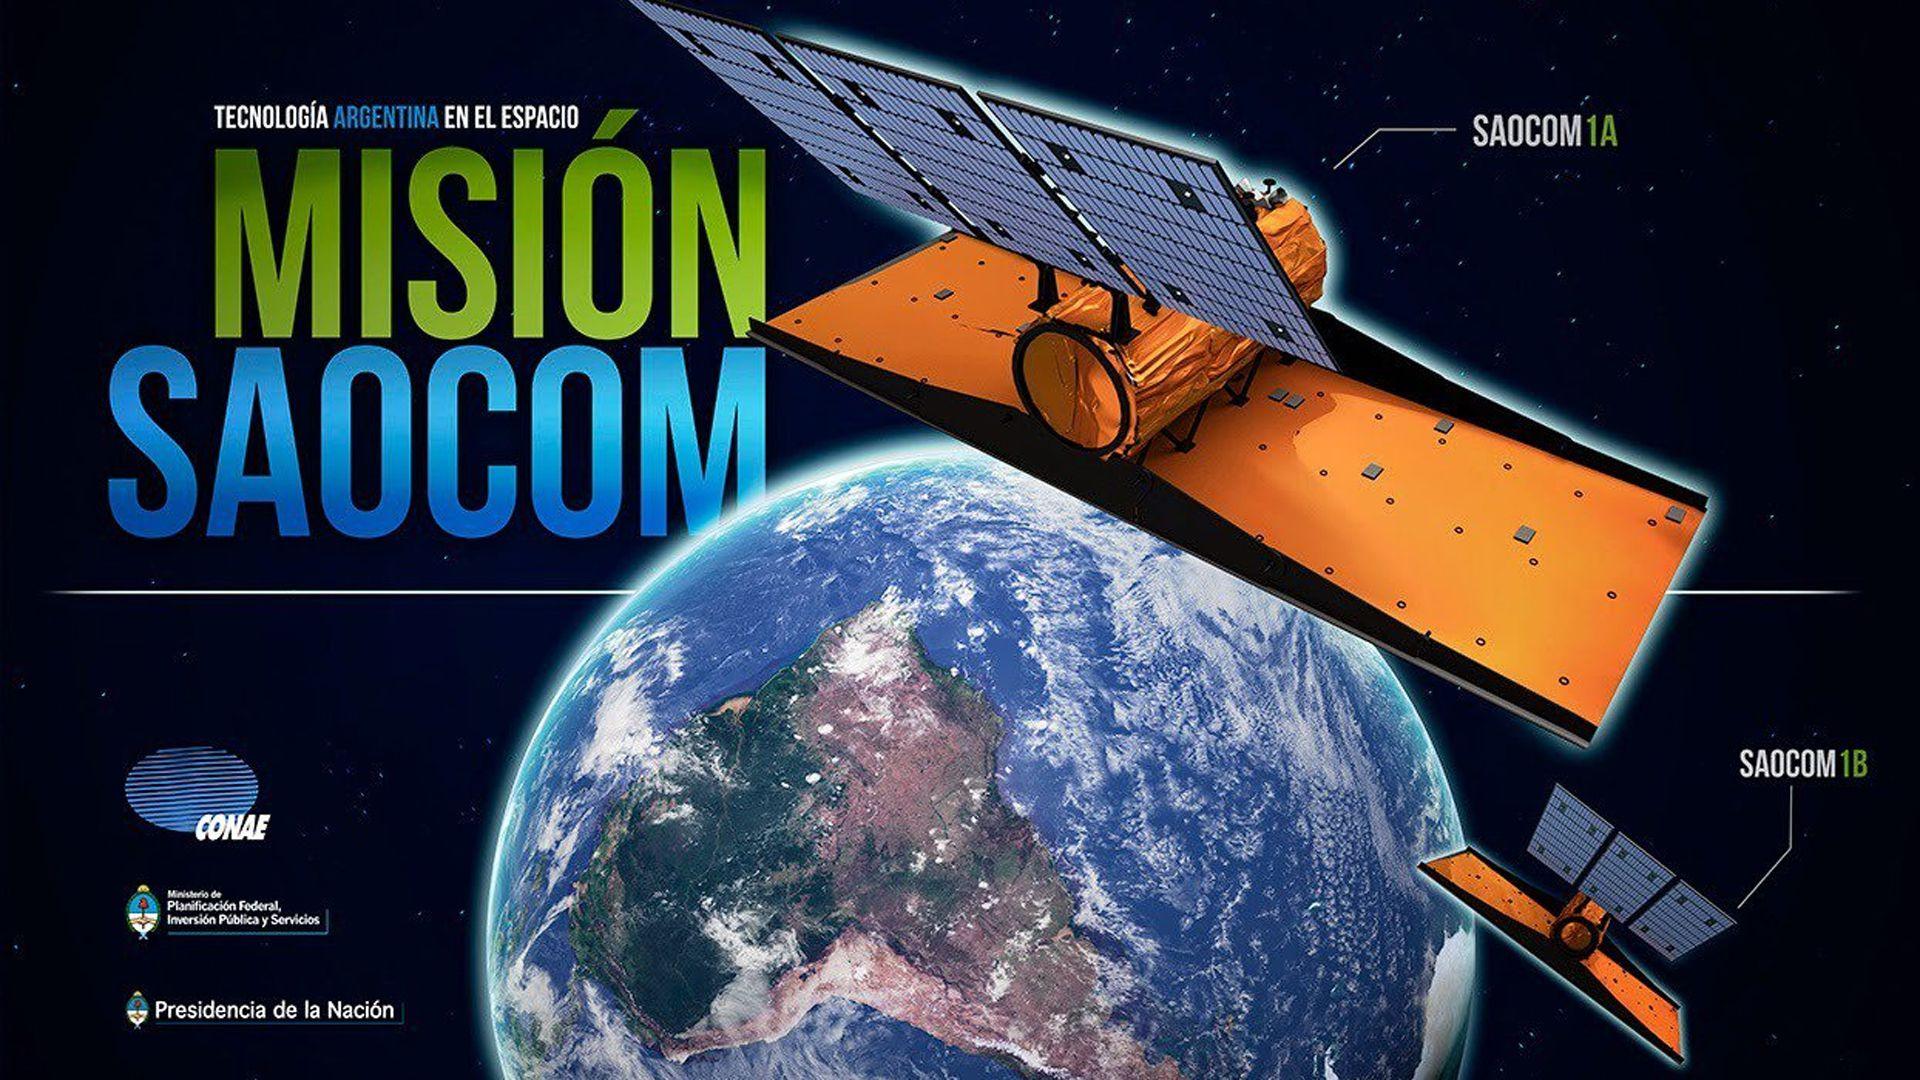 El Saocom 1A y el 1B son satélites de órbita baja para la observación terrestre con fines científicos